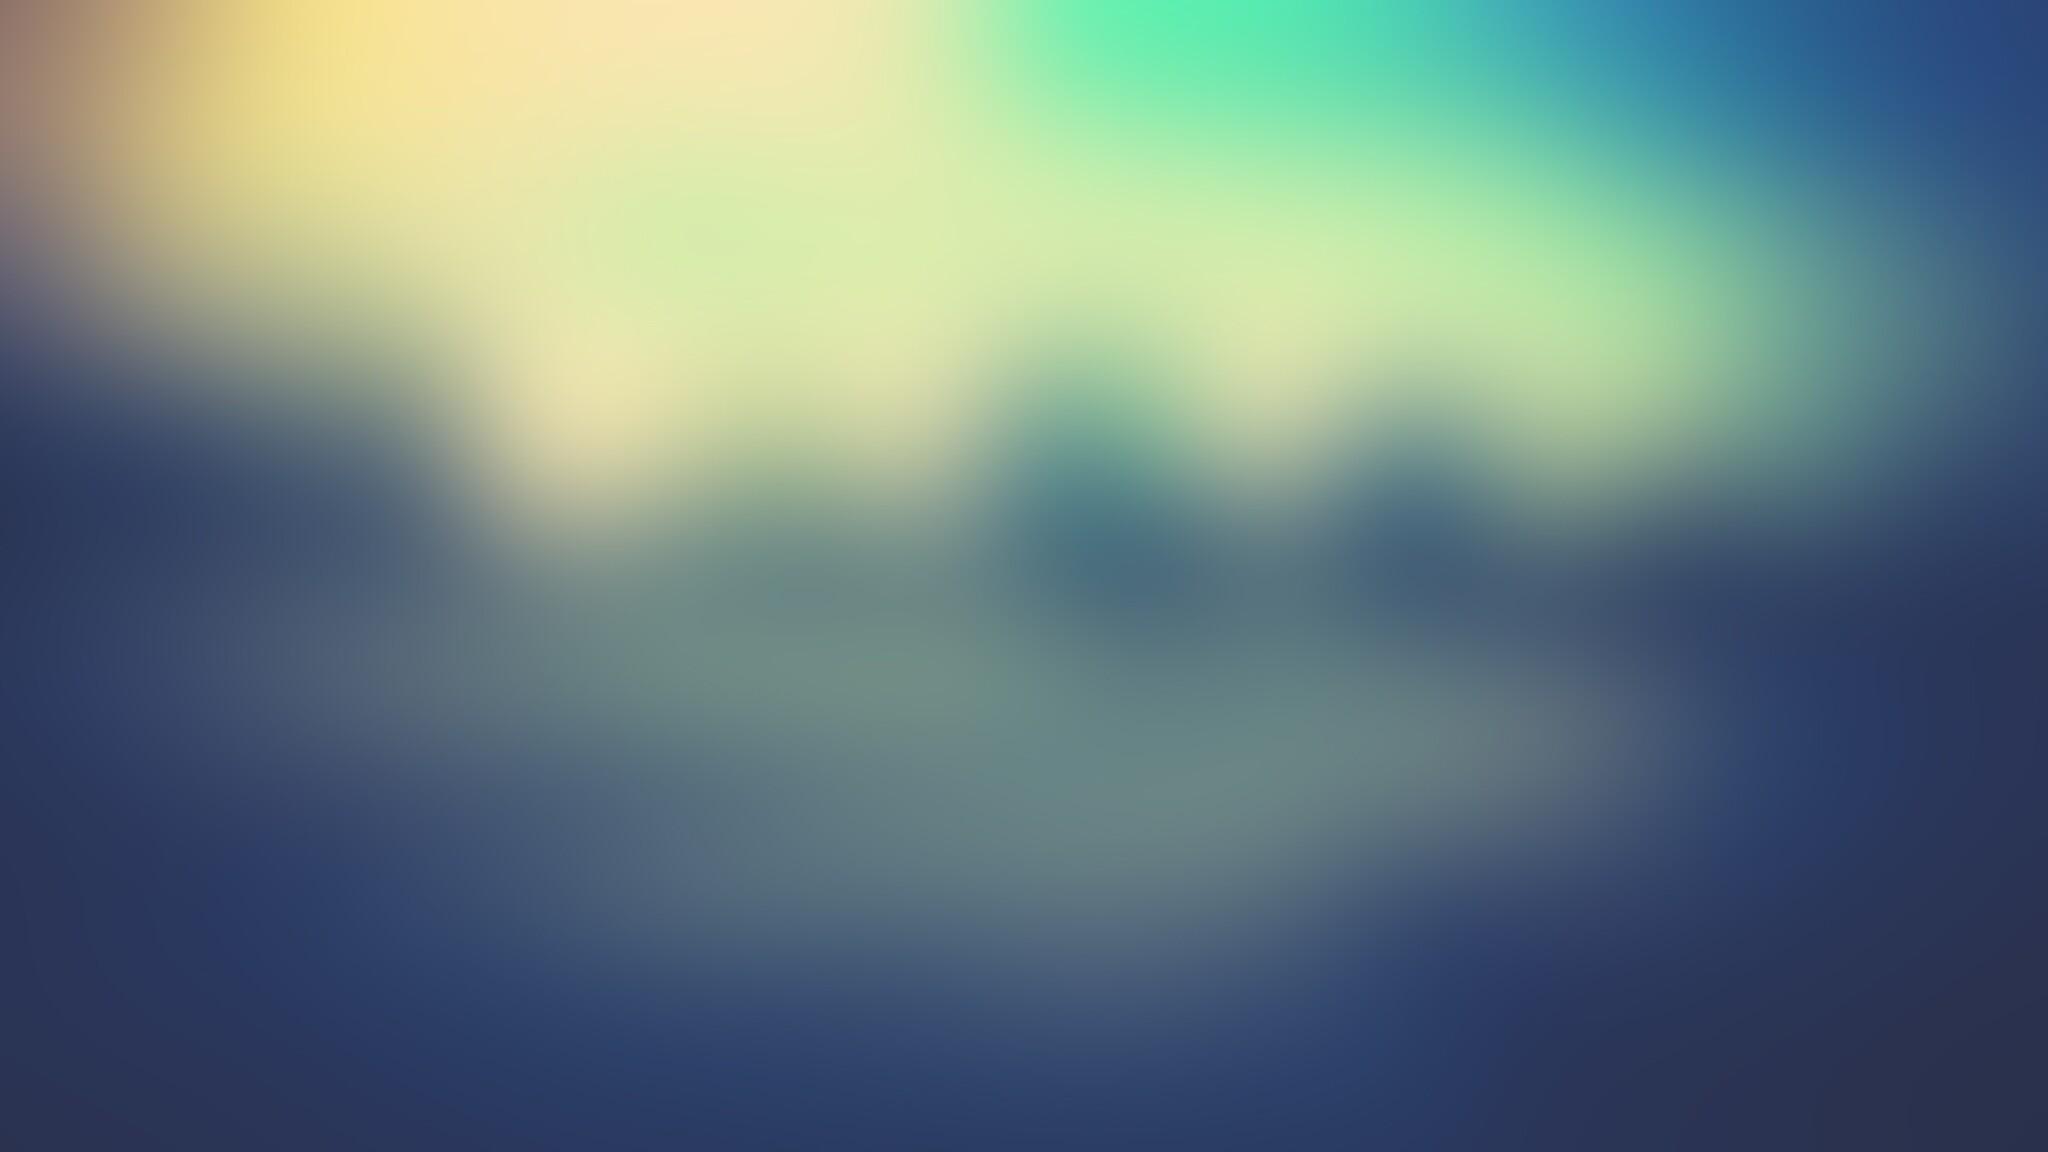 2048x1152 Blured Background 2048x1152 Resolution HD 4k ...